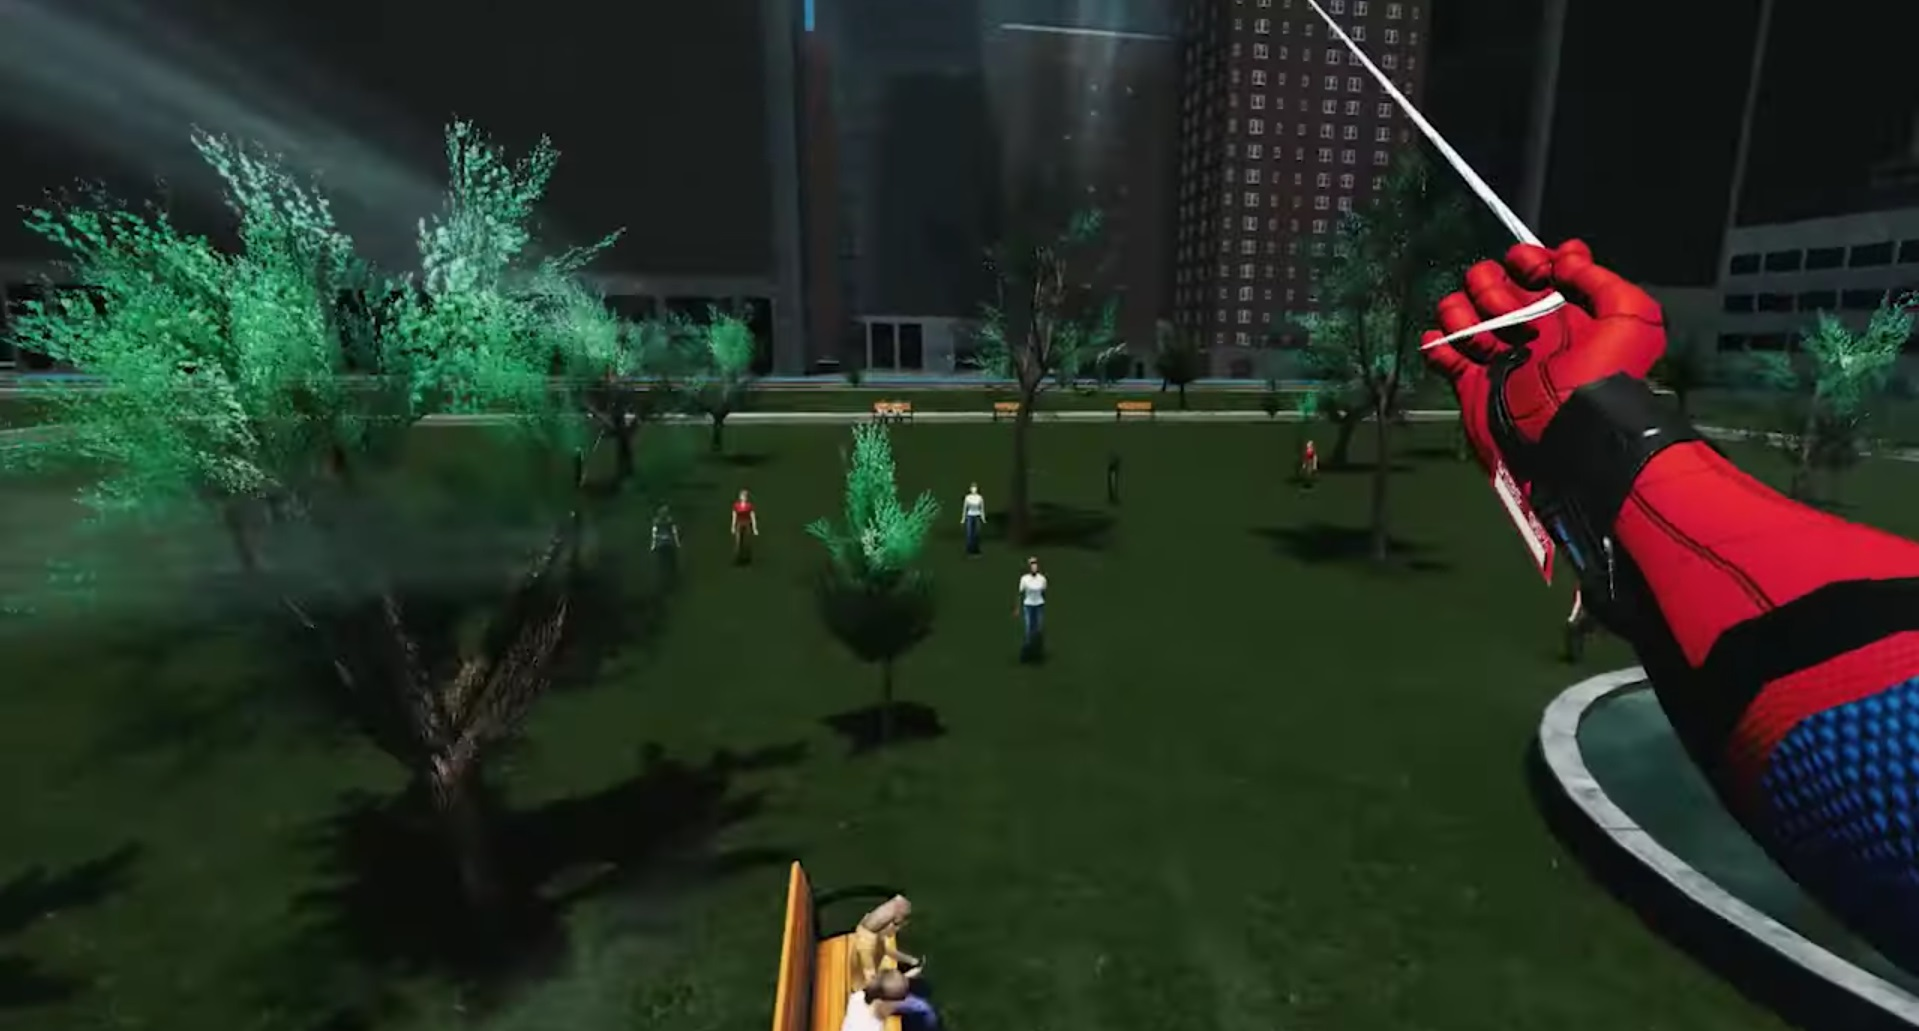 Plongez dans le costume de Spidey avec Spider Man Far From Home VR Experience